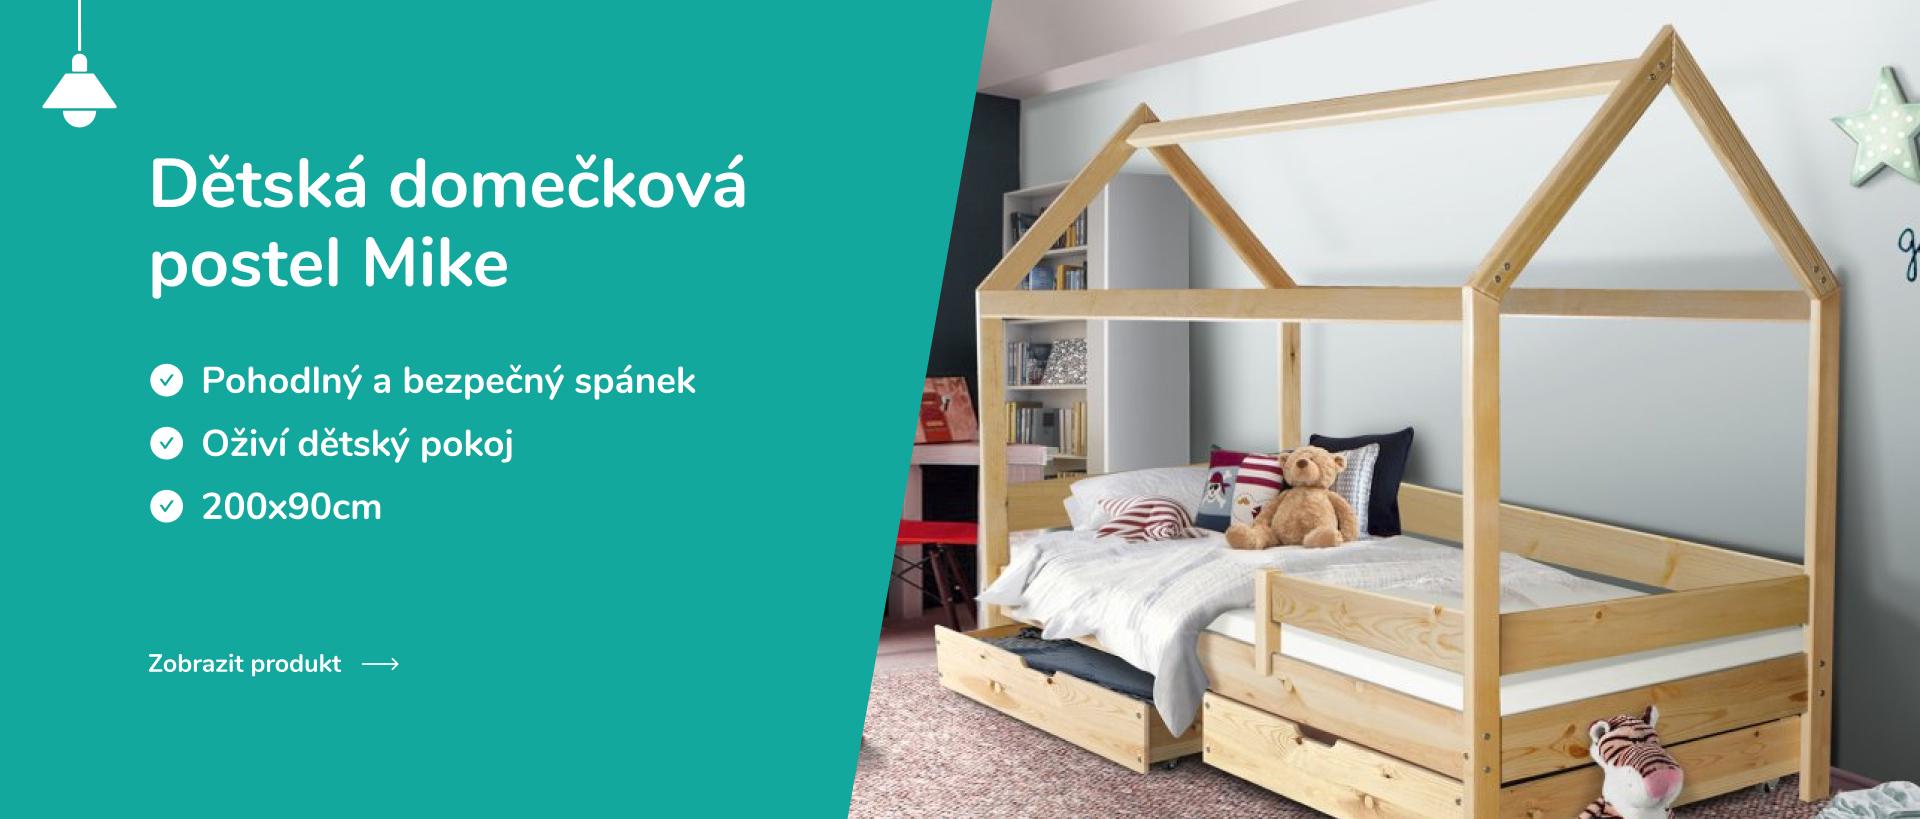 Dětská domečková postel Mike přírodní